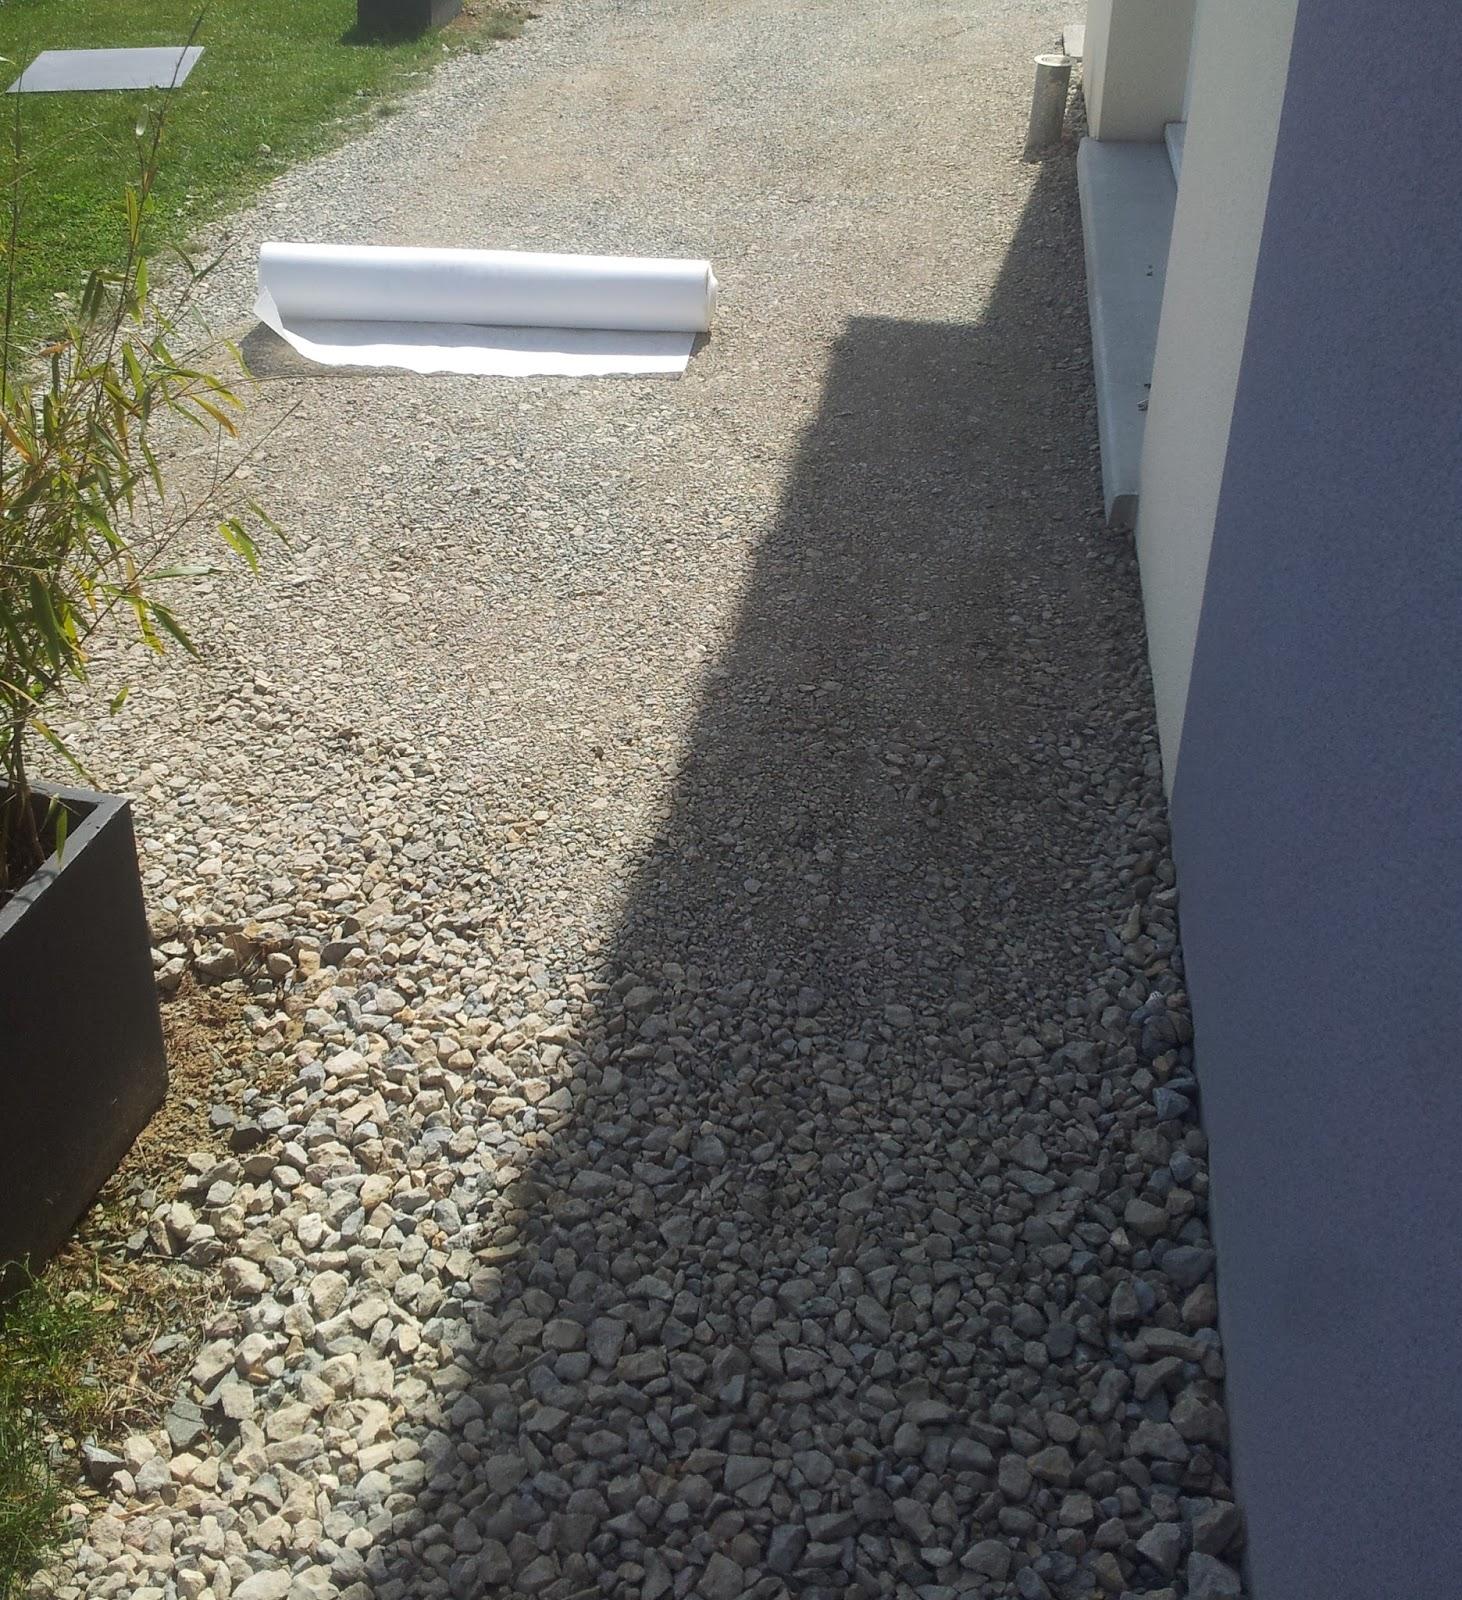 Bricolage de l 39 id e la r alisation terrasse design for Pose carrelage exterieur par temps froid